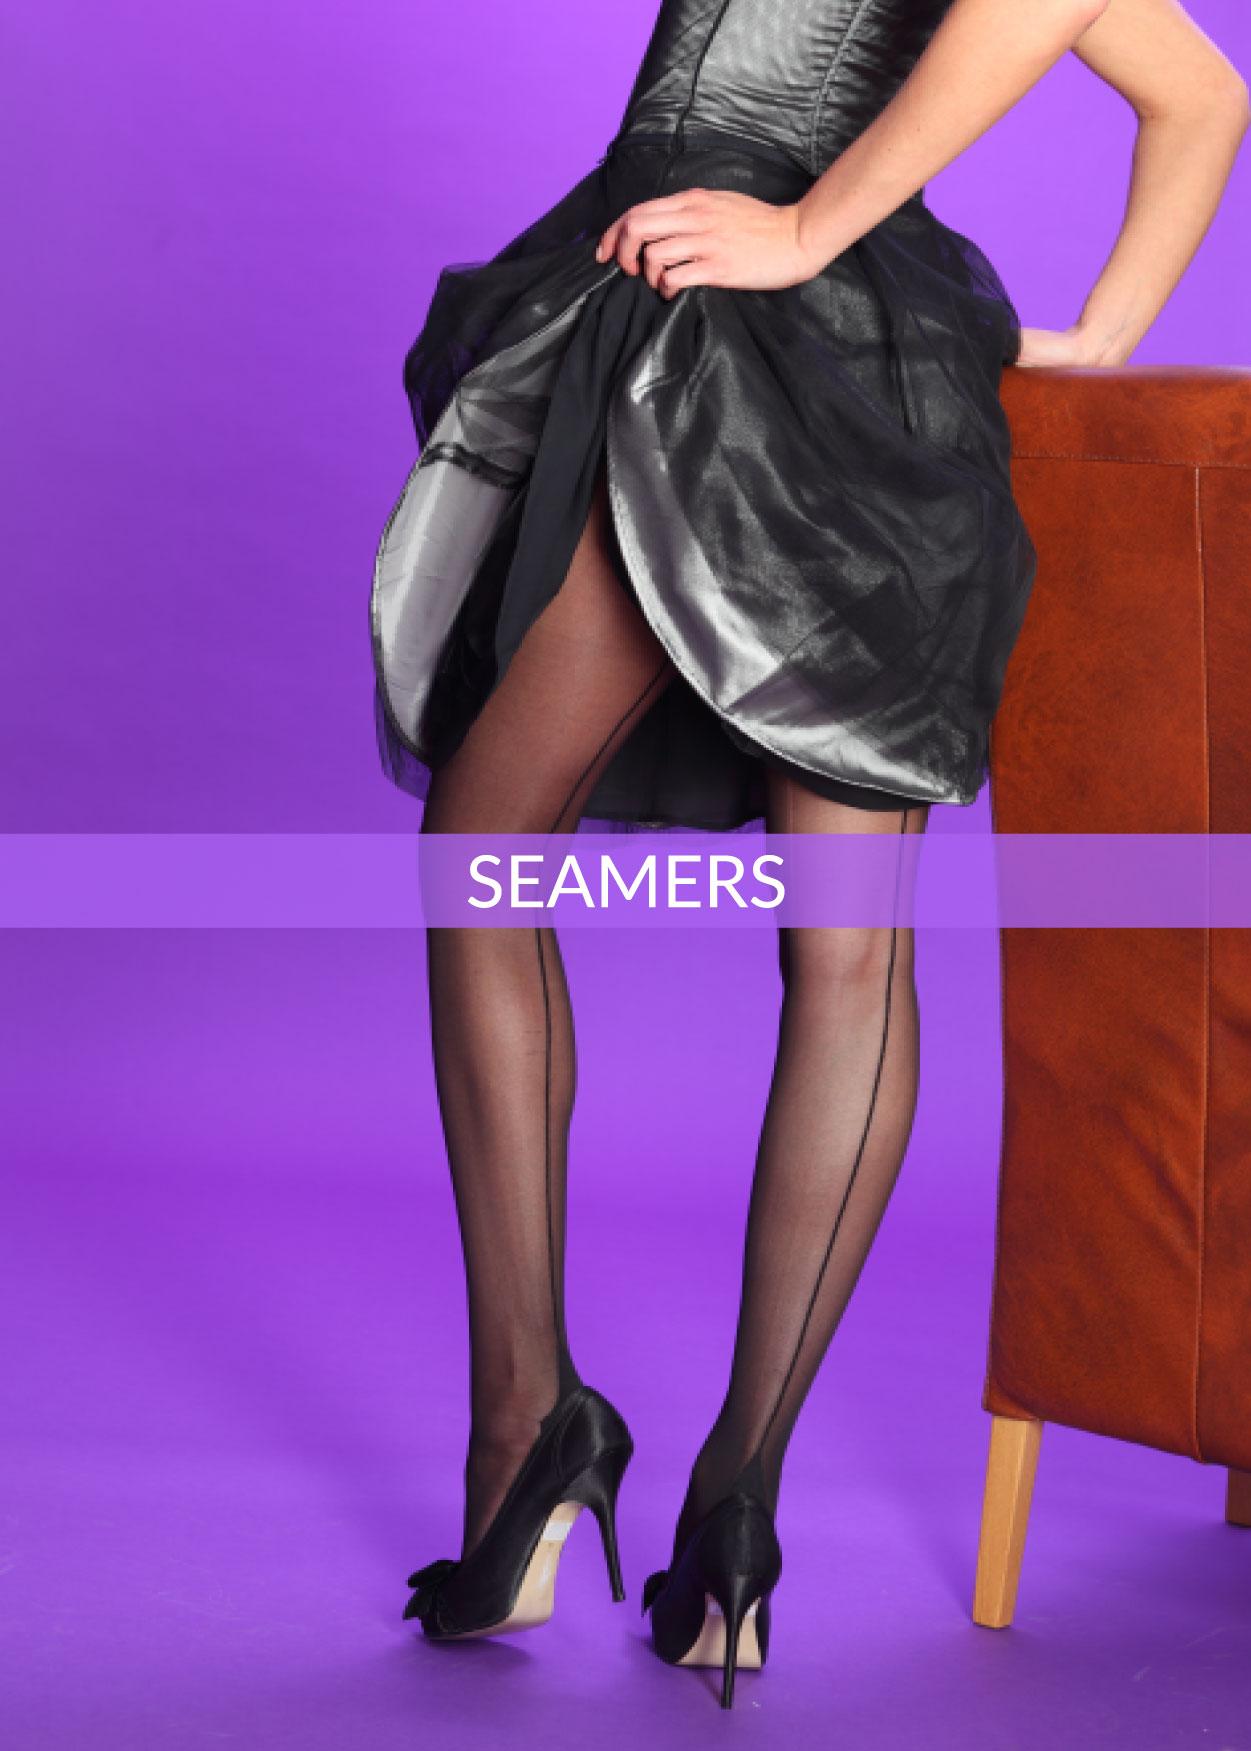 Seamers